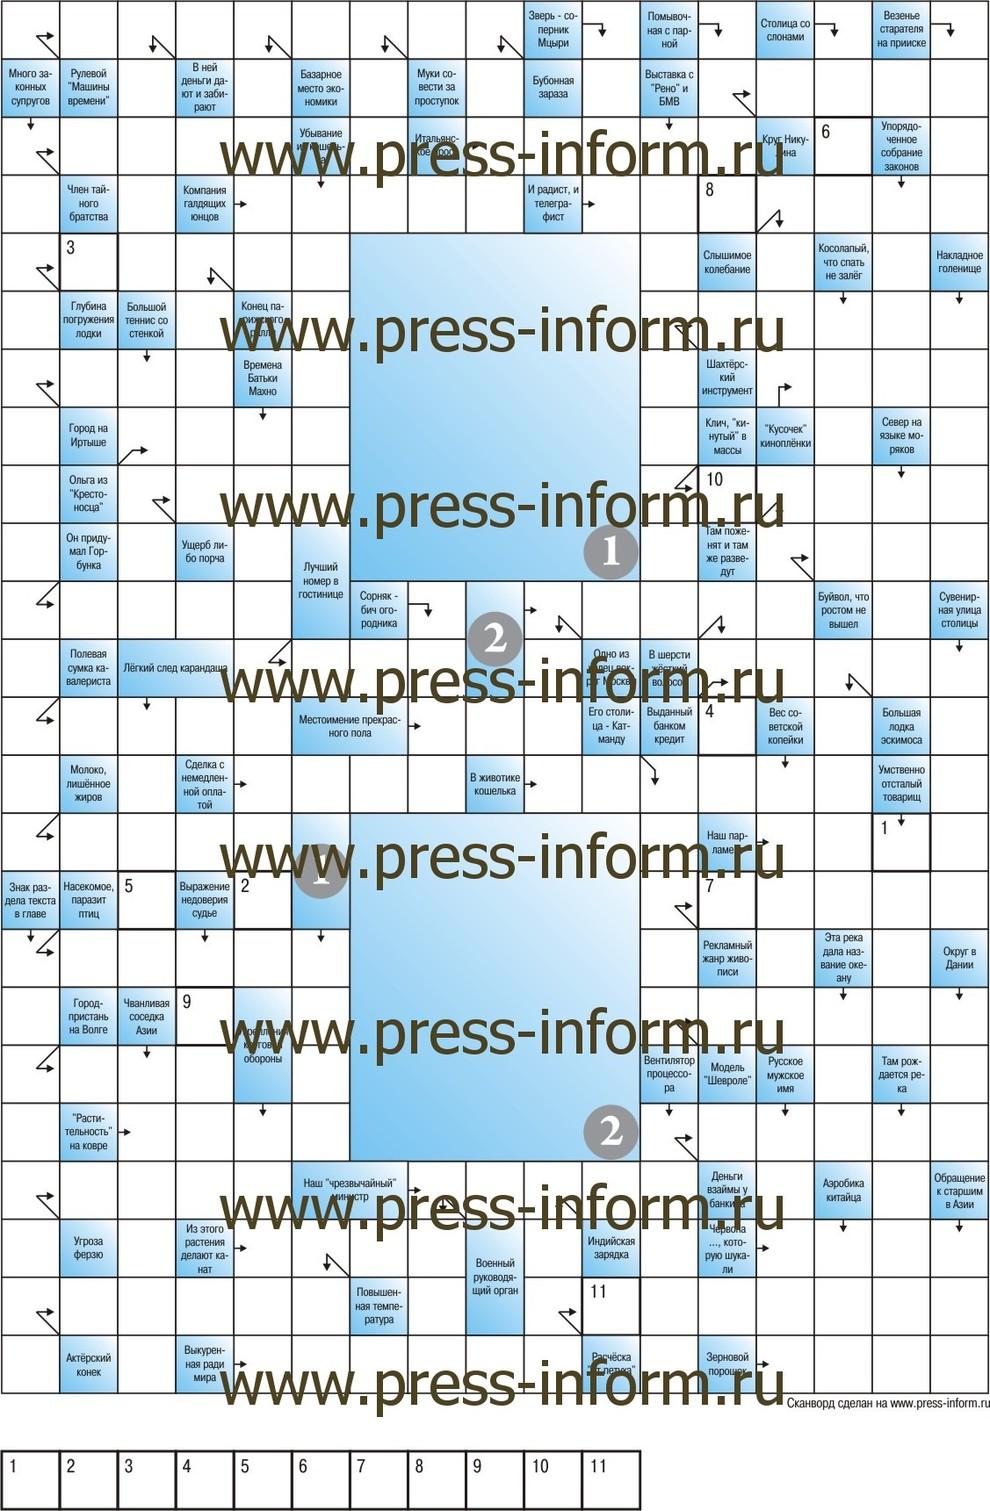 Сканворд В3  kx клеток, А4 вертикальный, 2 фото 5x6, ключевое слово